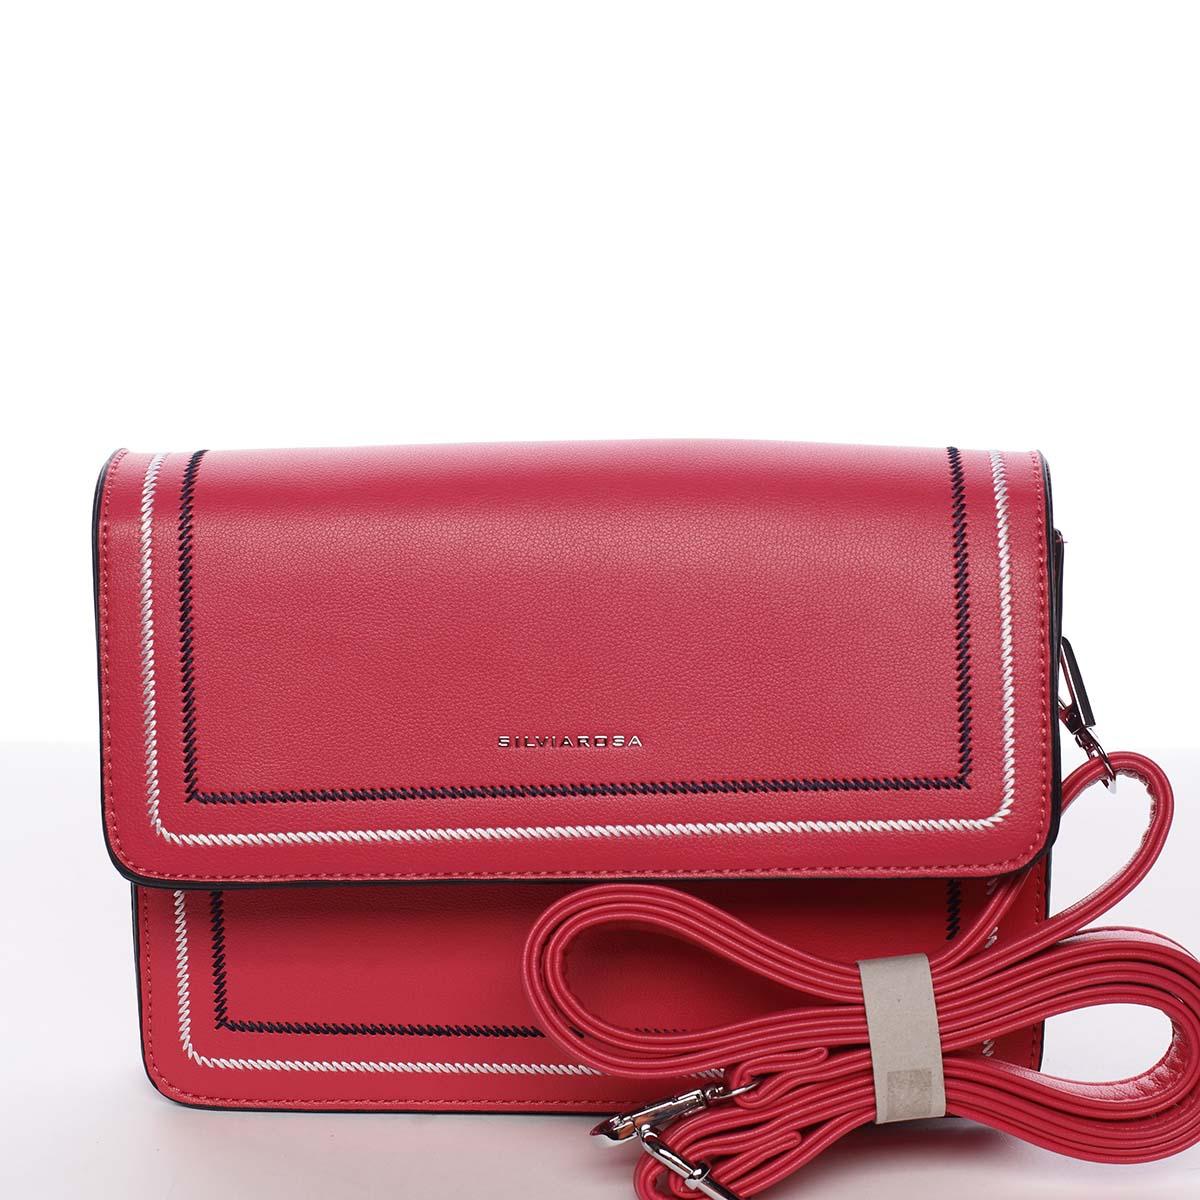 Originálna elegantná crossbody kabelka fuchsiová - Silvia Rosa Cielo ružová